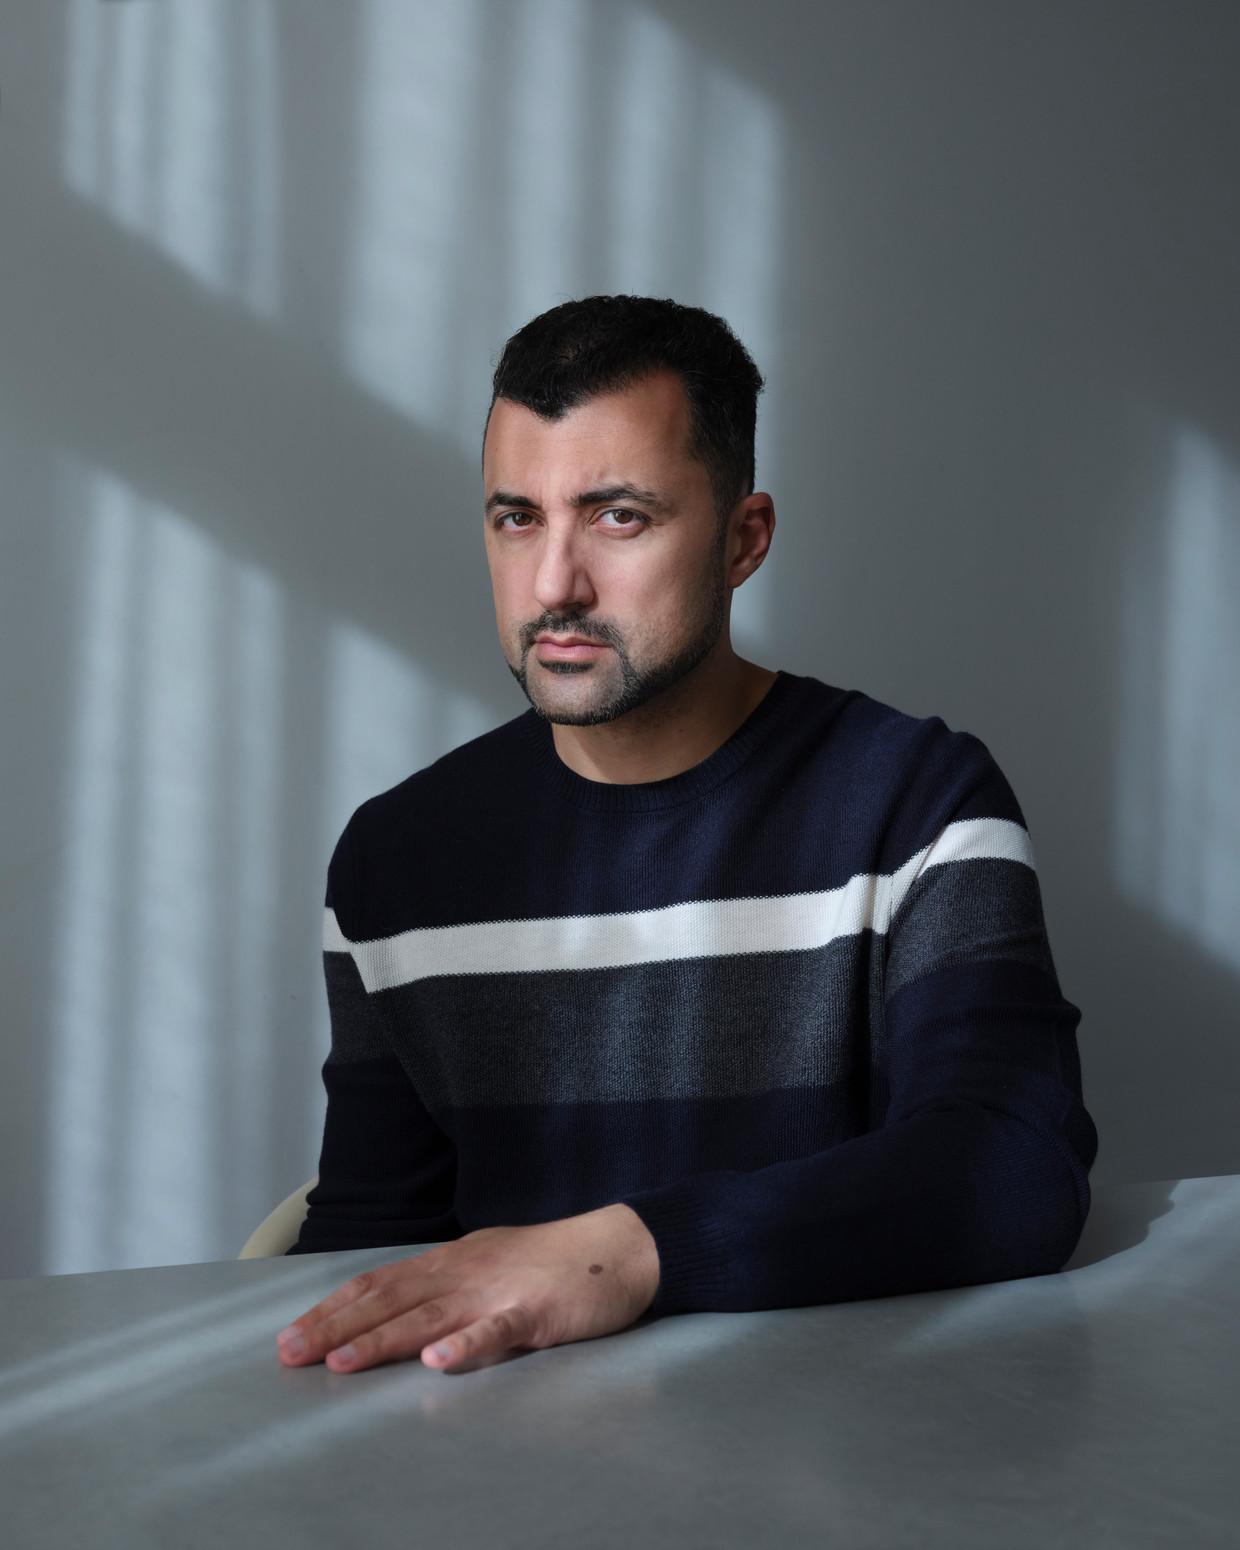 Özcan Akyol: 'Er is niks. We kijken naar iets dat terminaal is.' Beeld Erik Smits